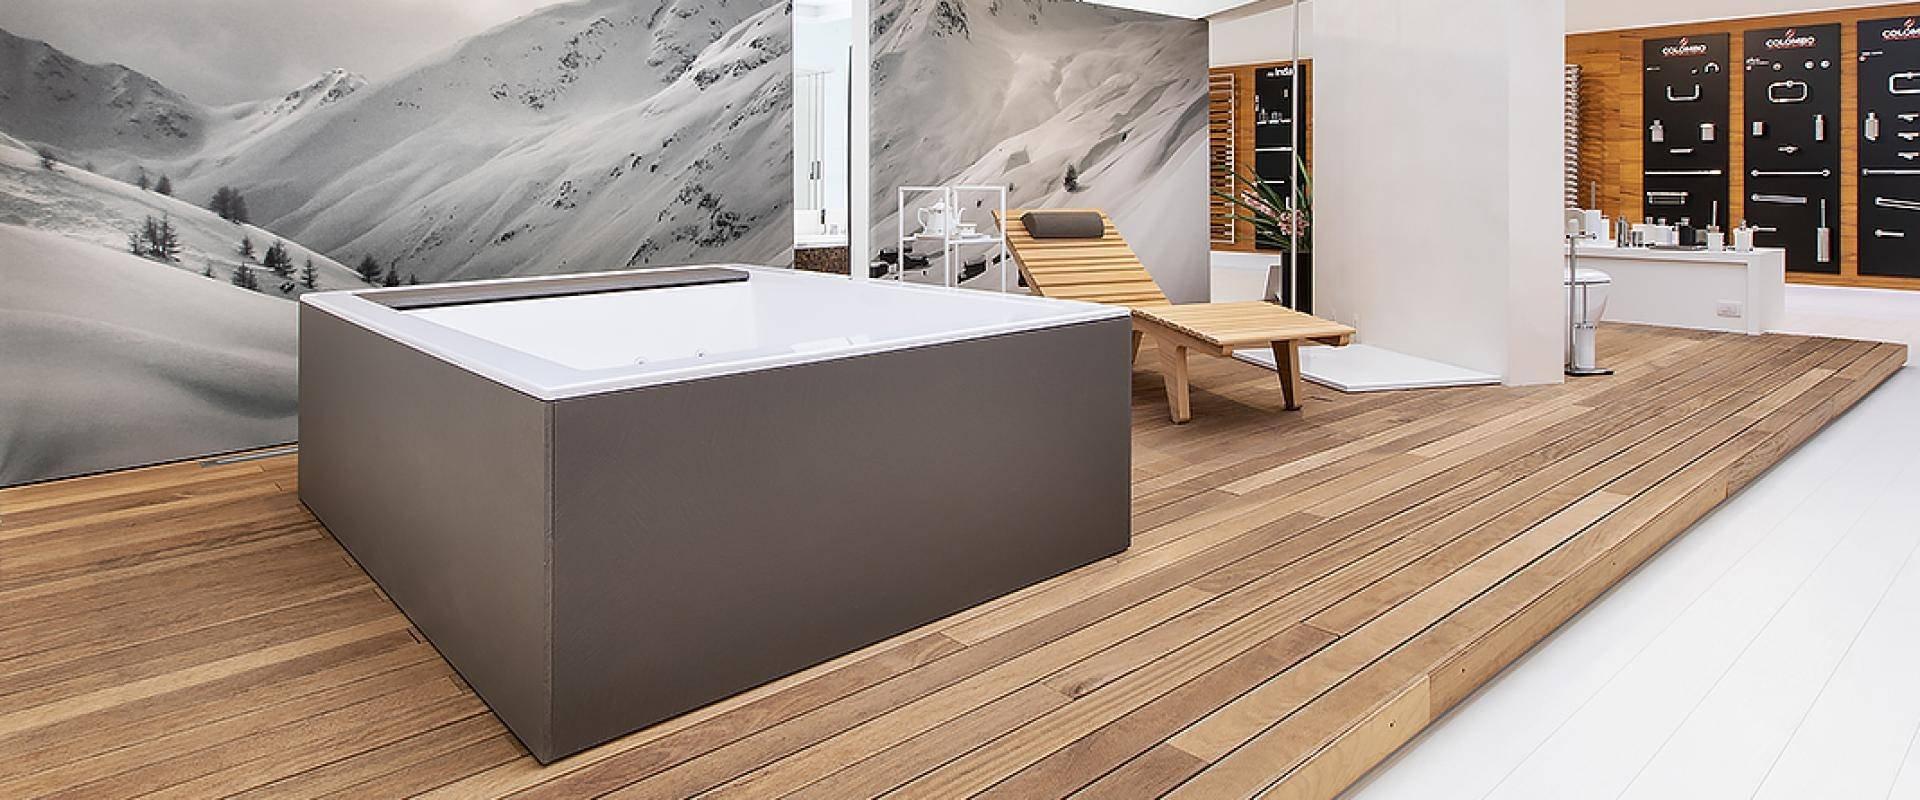 Minipiscina: perchè non può mancare nel vostro giardino: Minipiscina nello Showroom Relax & Living